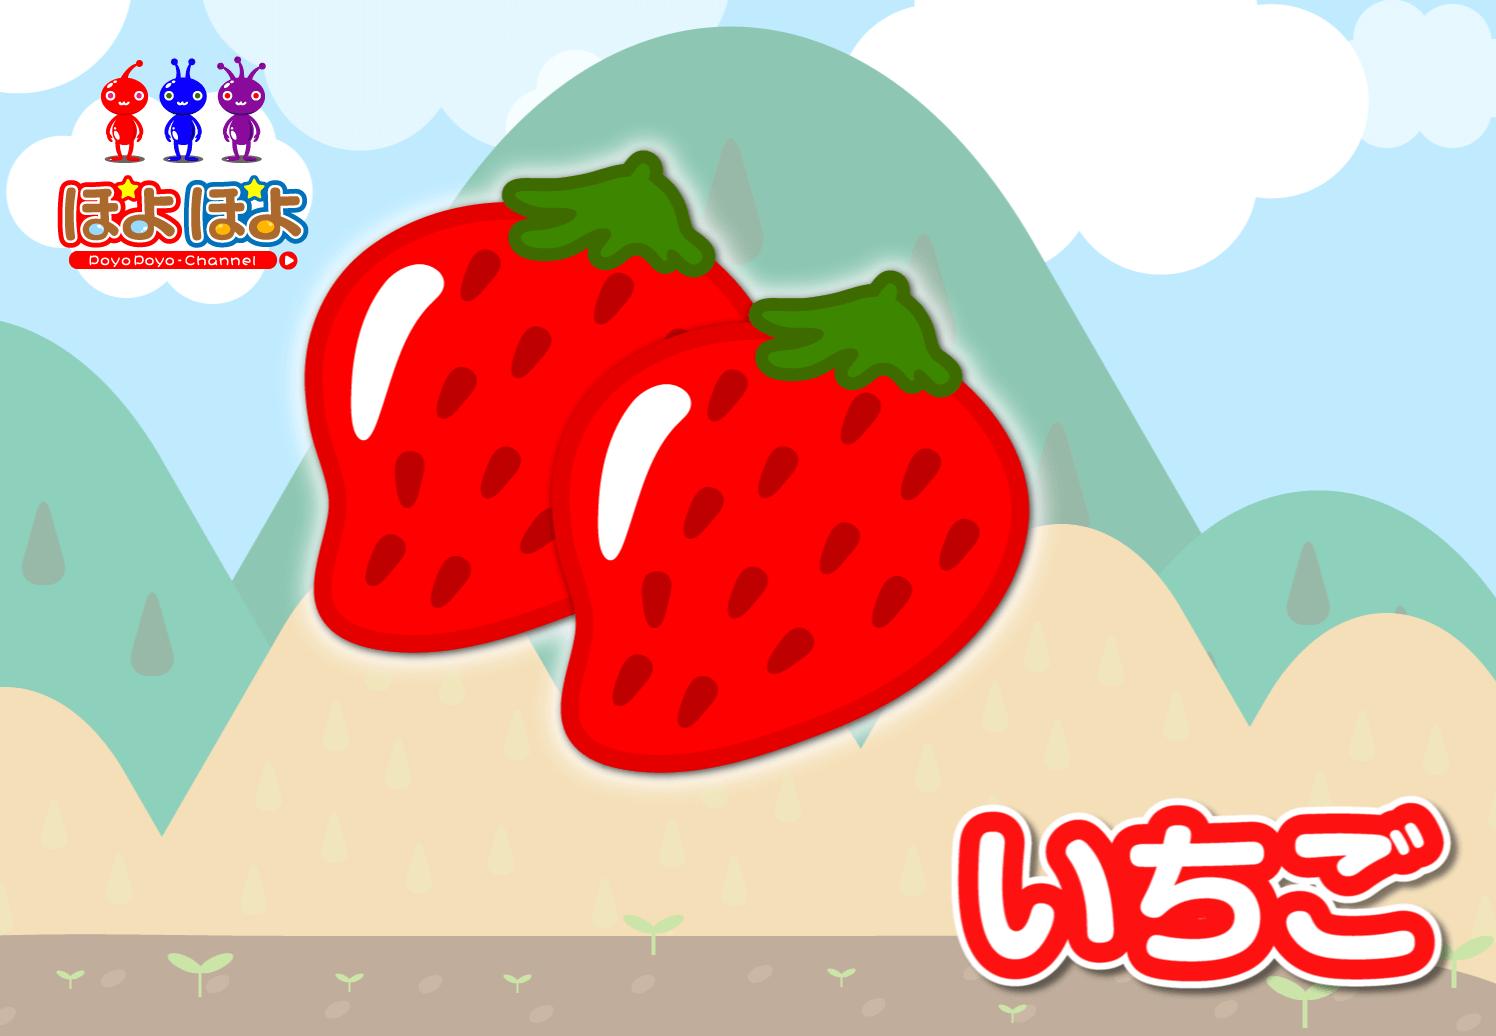 果物(くだもの)の名前を覚えてみよう!